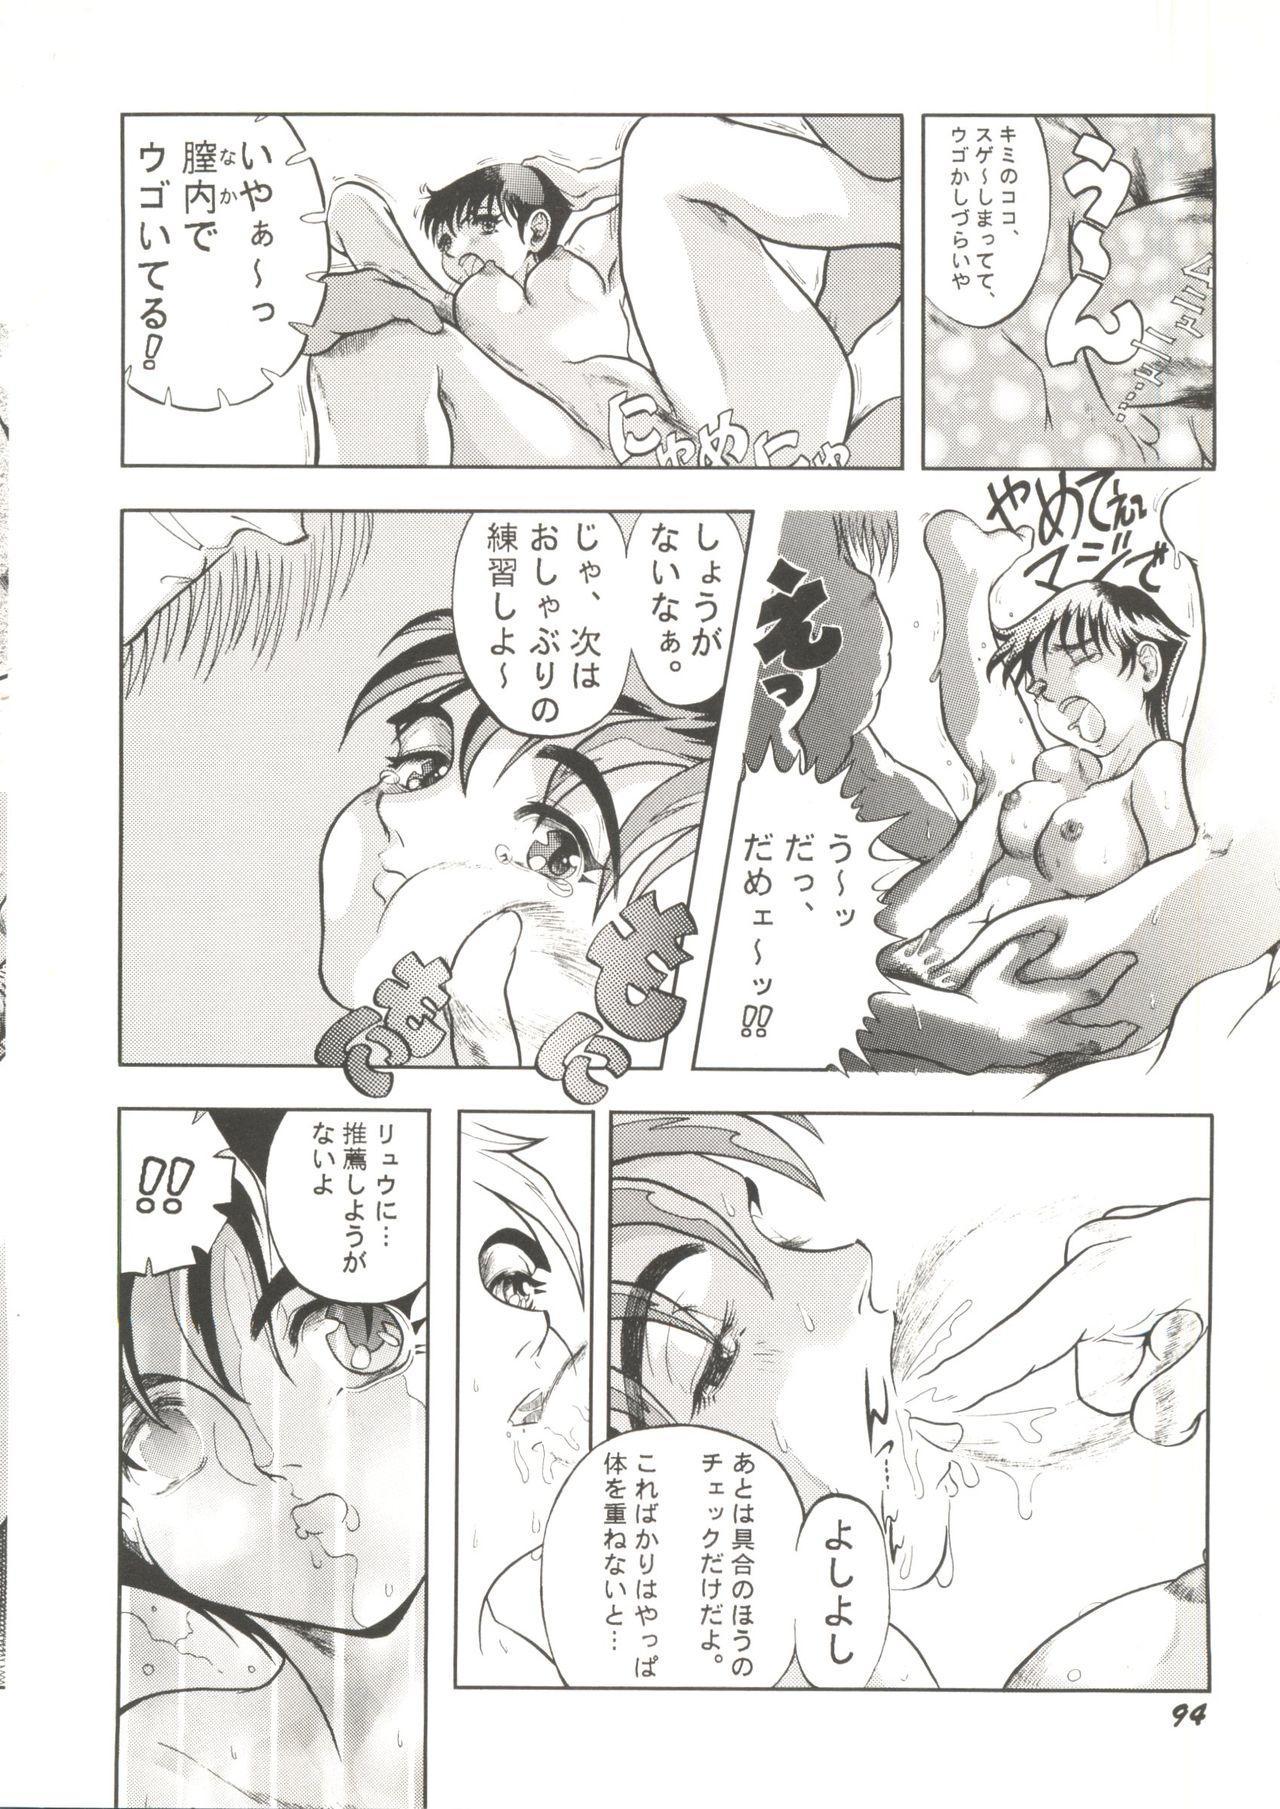 Doujin Anthology Bishoujo a La Carte 1 95